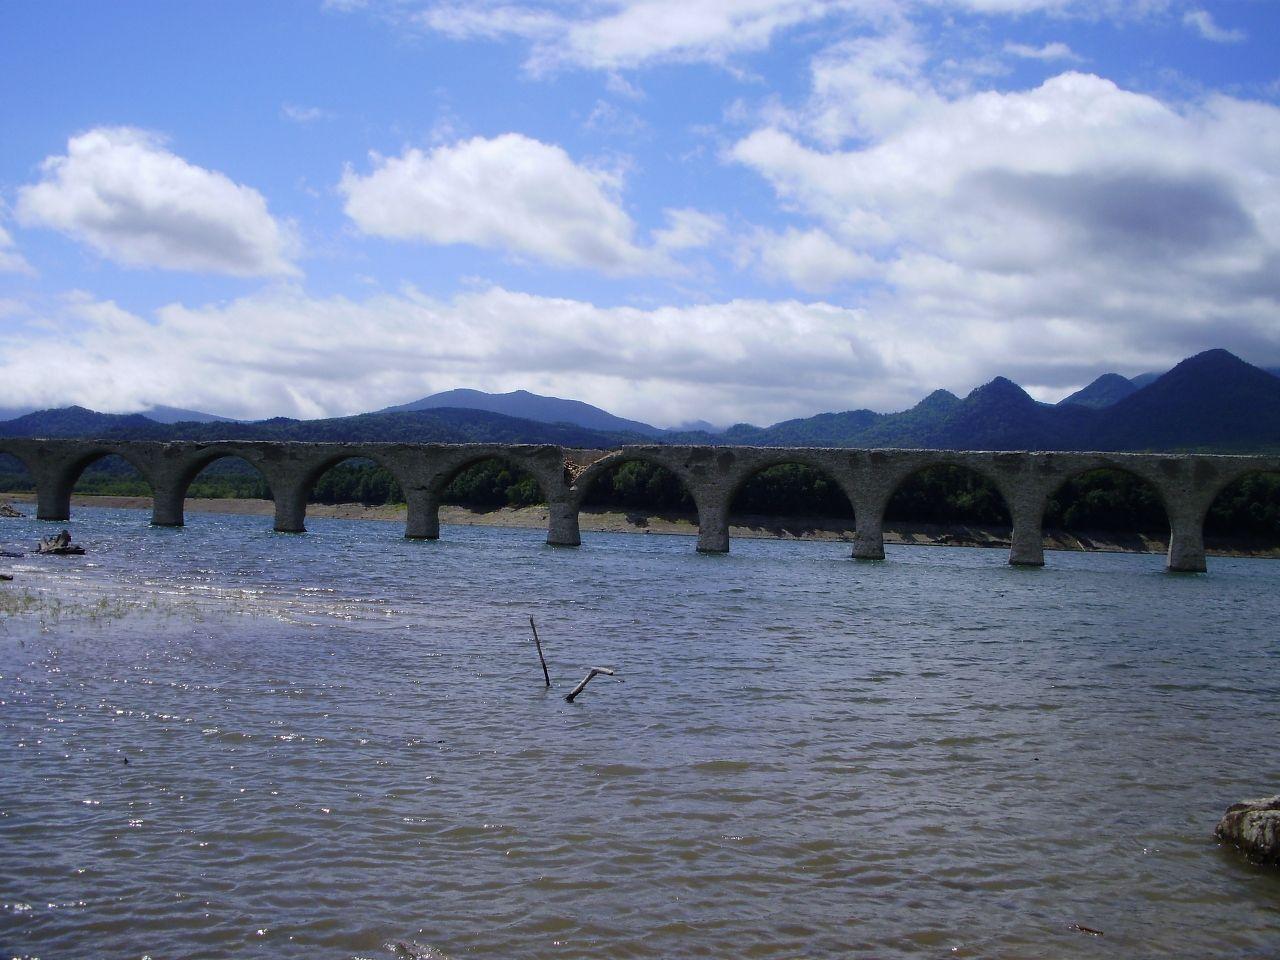 10年以上前に訪れたタウシュベツ川橋梁。現在は風化も進み安易にそばに近づけません。列車が走っていた風景も見てみたかったです。